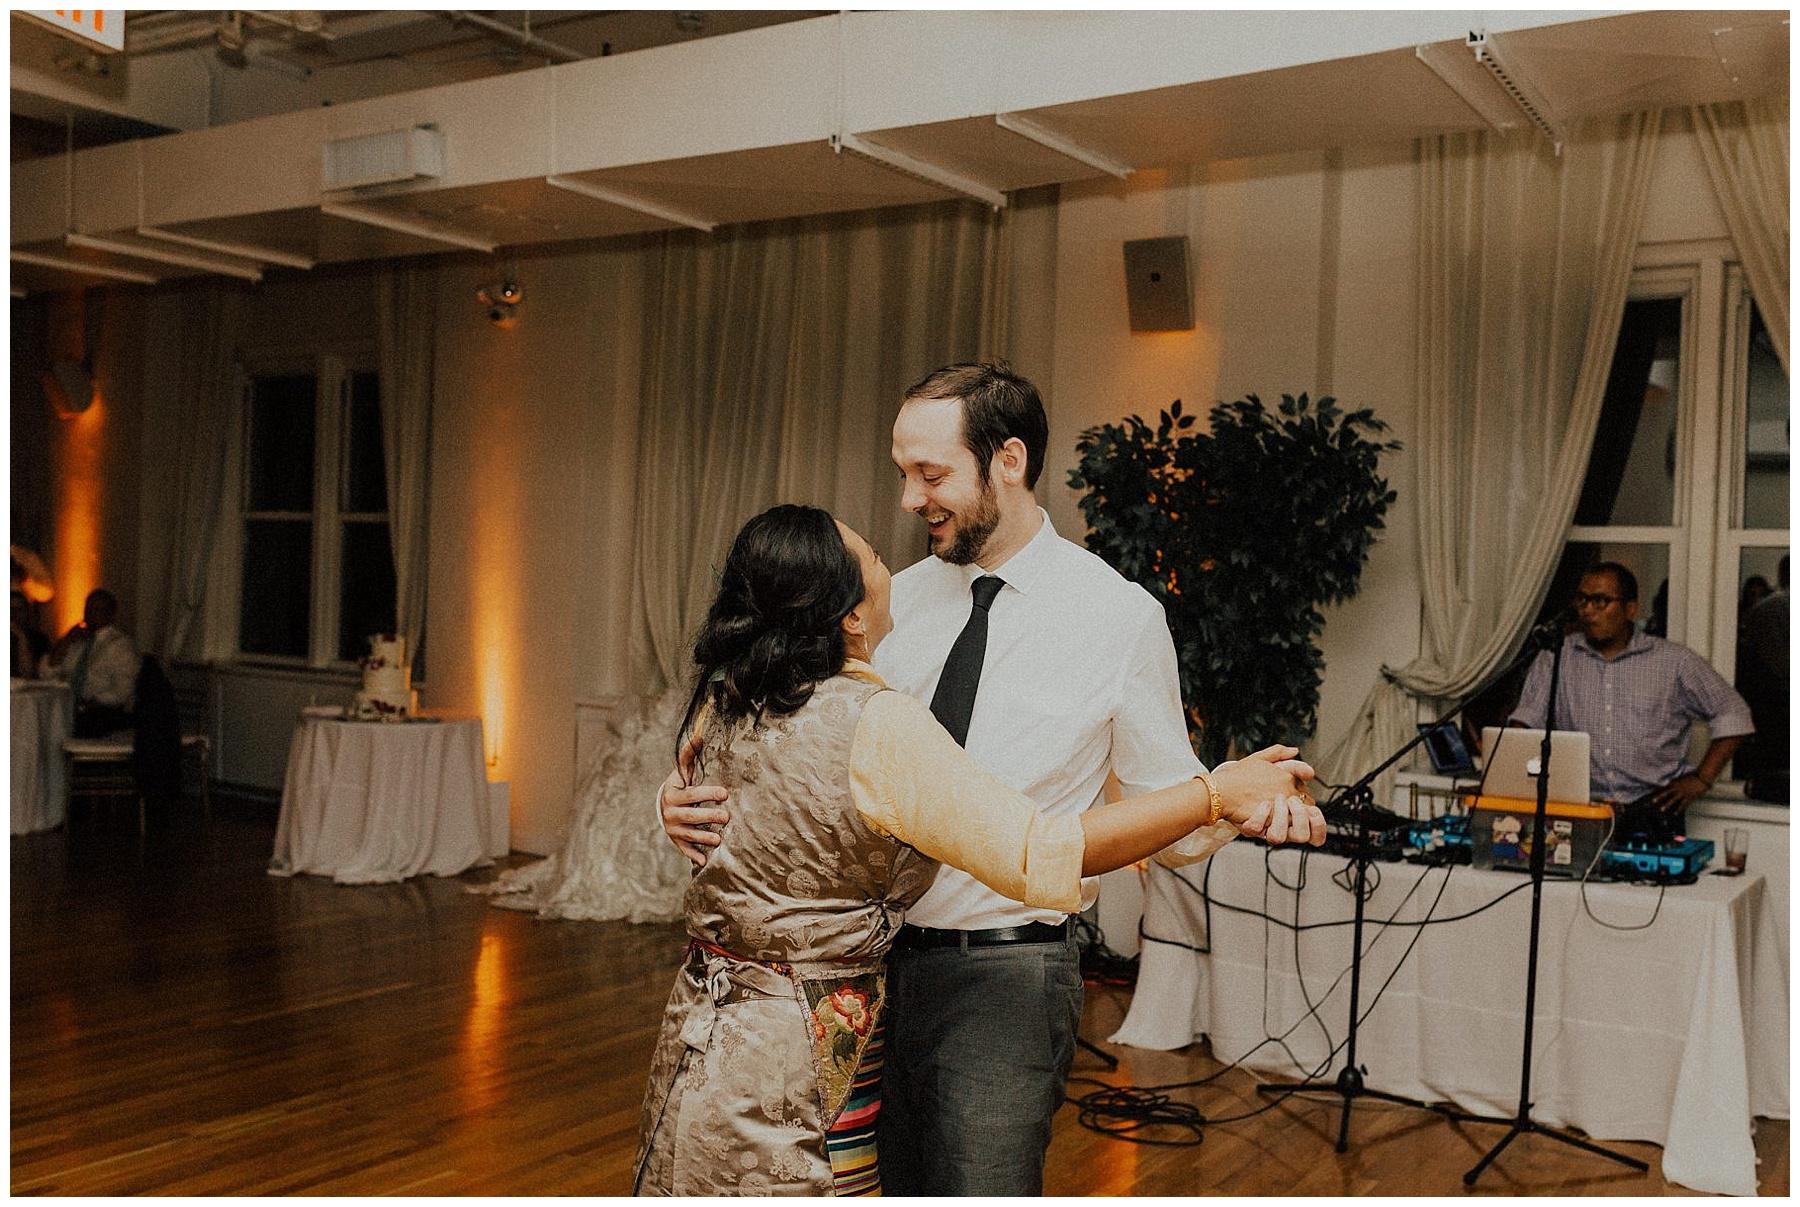 New York City Wedding New York City Wedding Photographer-33.jpg